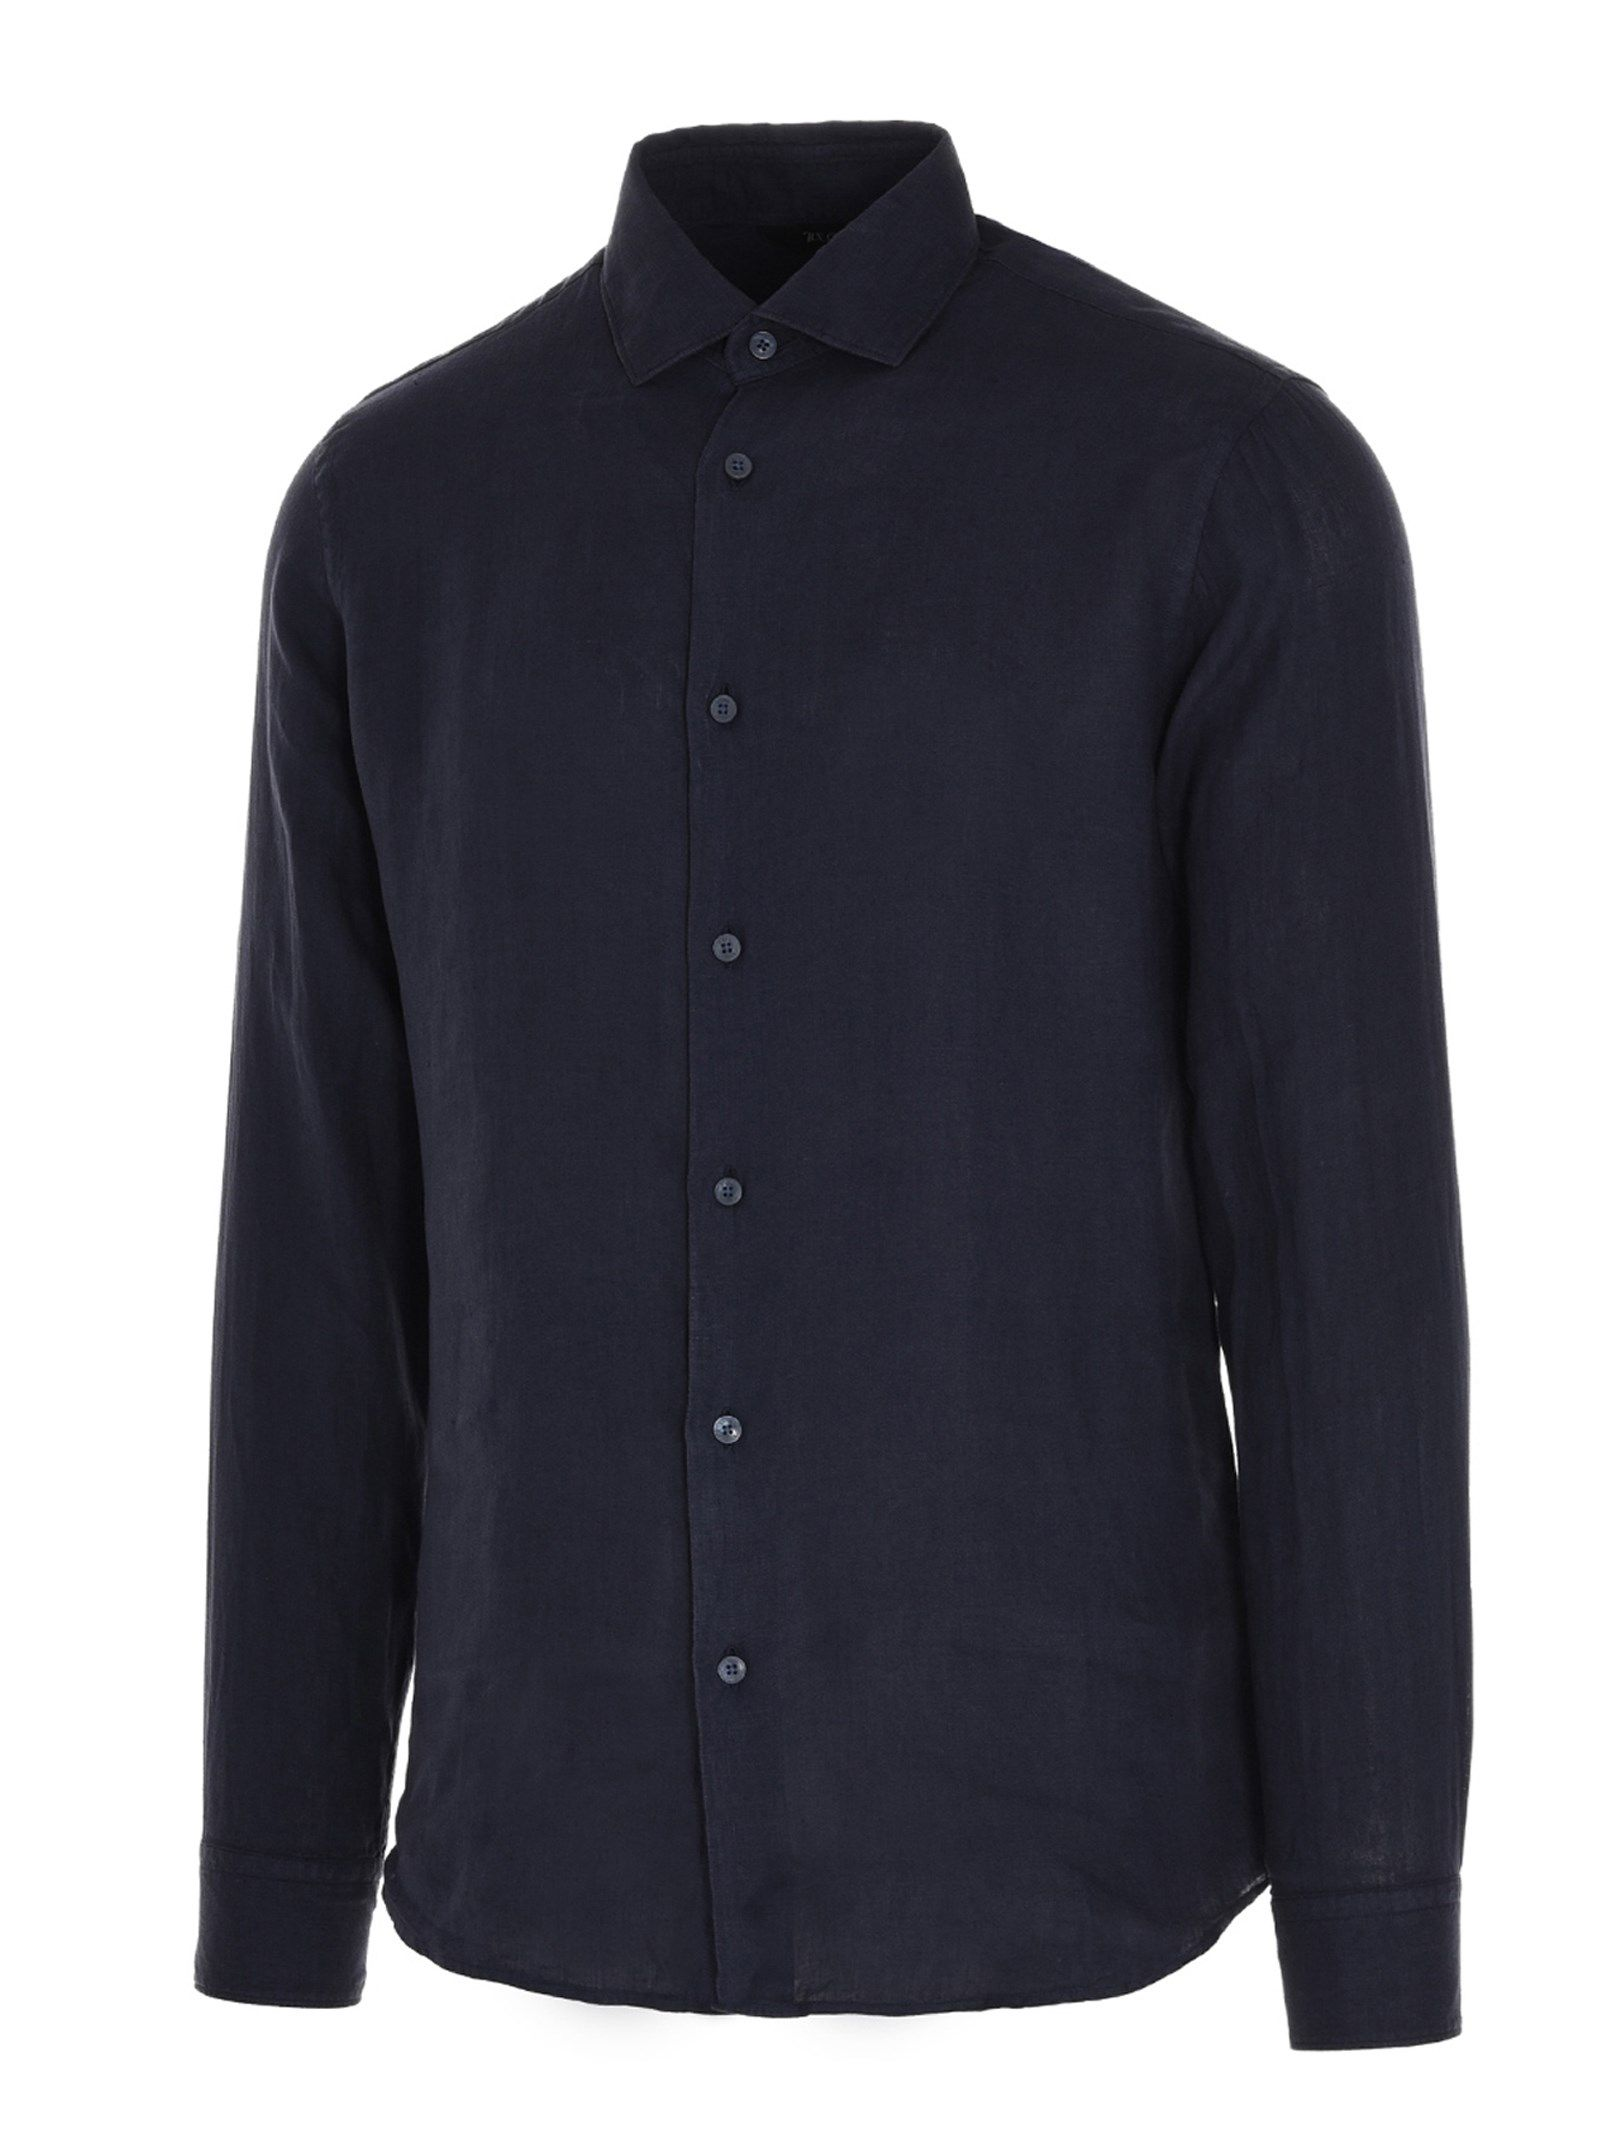 Z ZEGNA Shirts Z ZEGNA MEN'S BLUE OTHER MATERIALS SHIRT